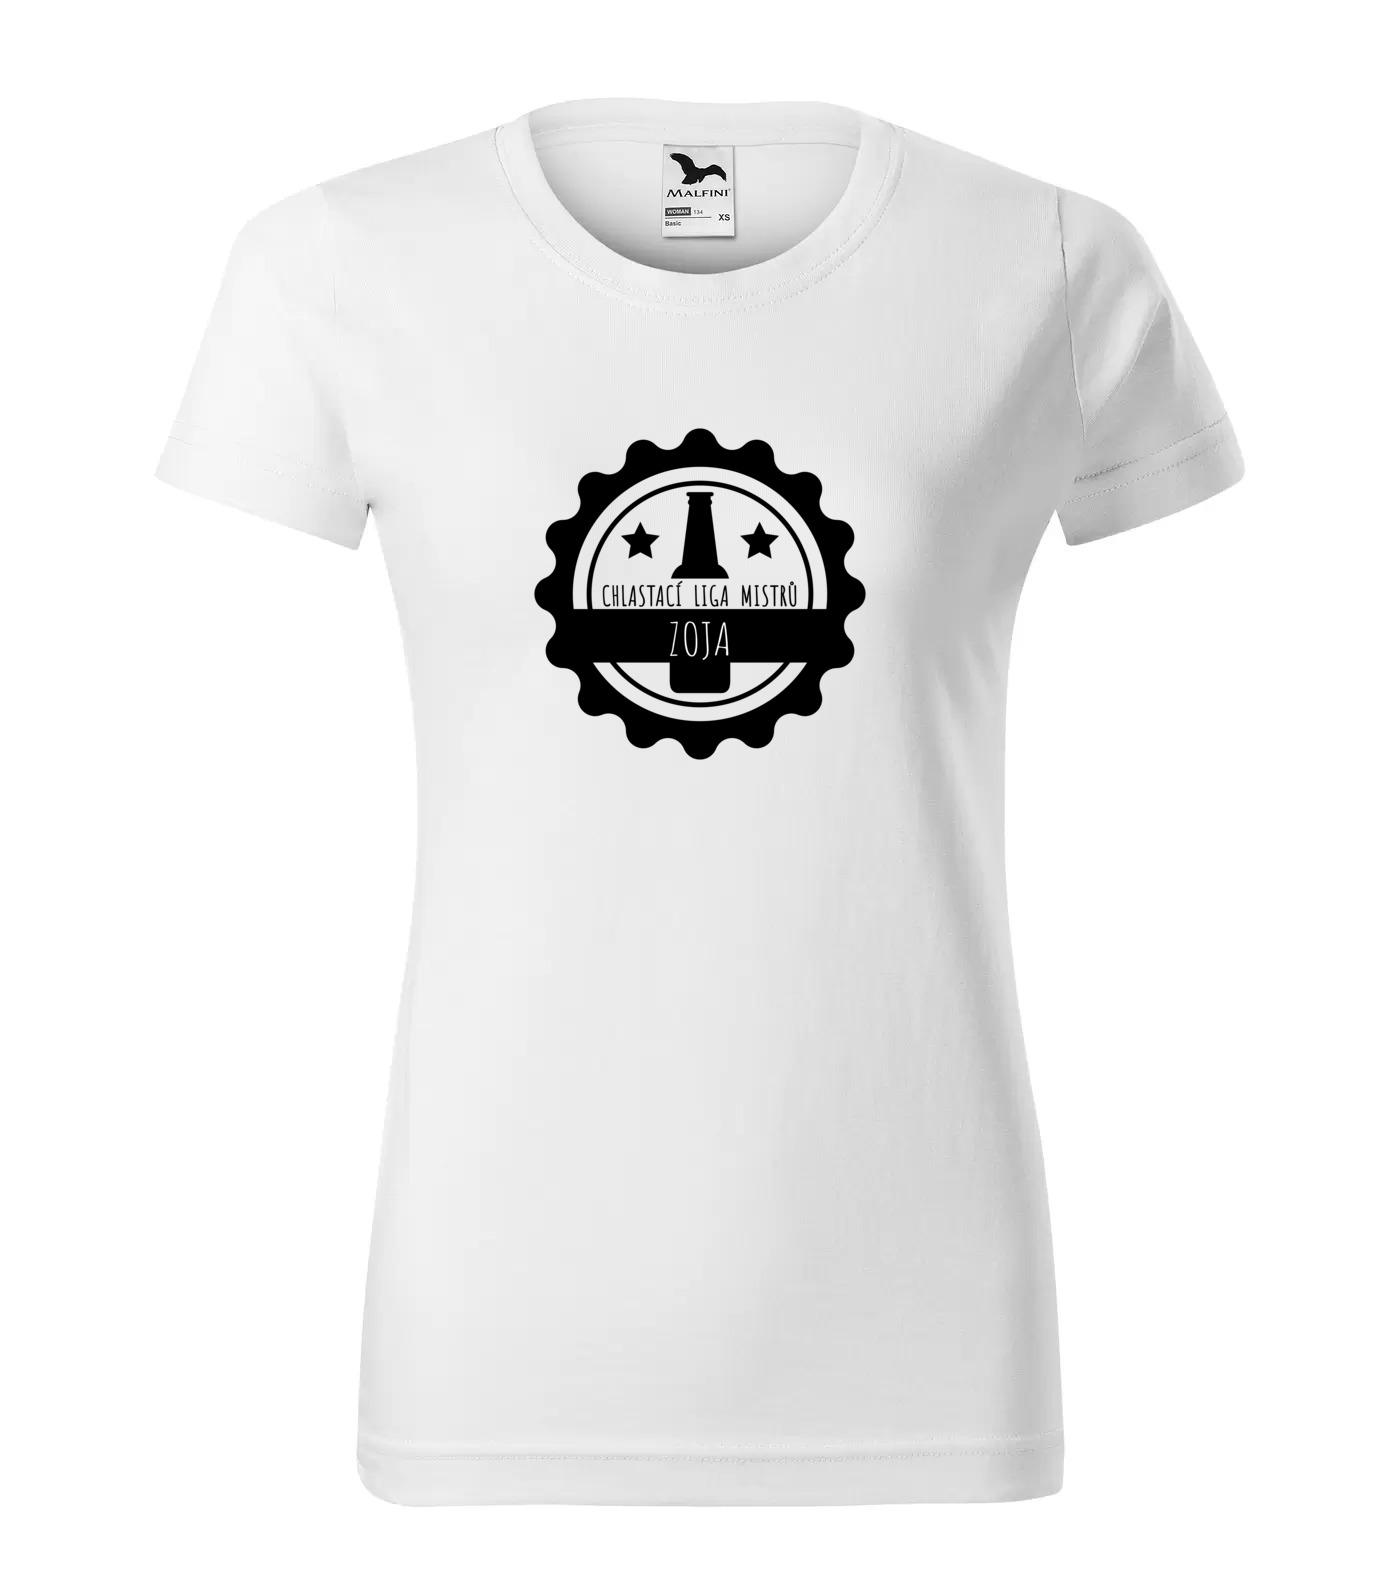 Tričko Chlastací liga žen Zoja